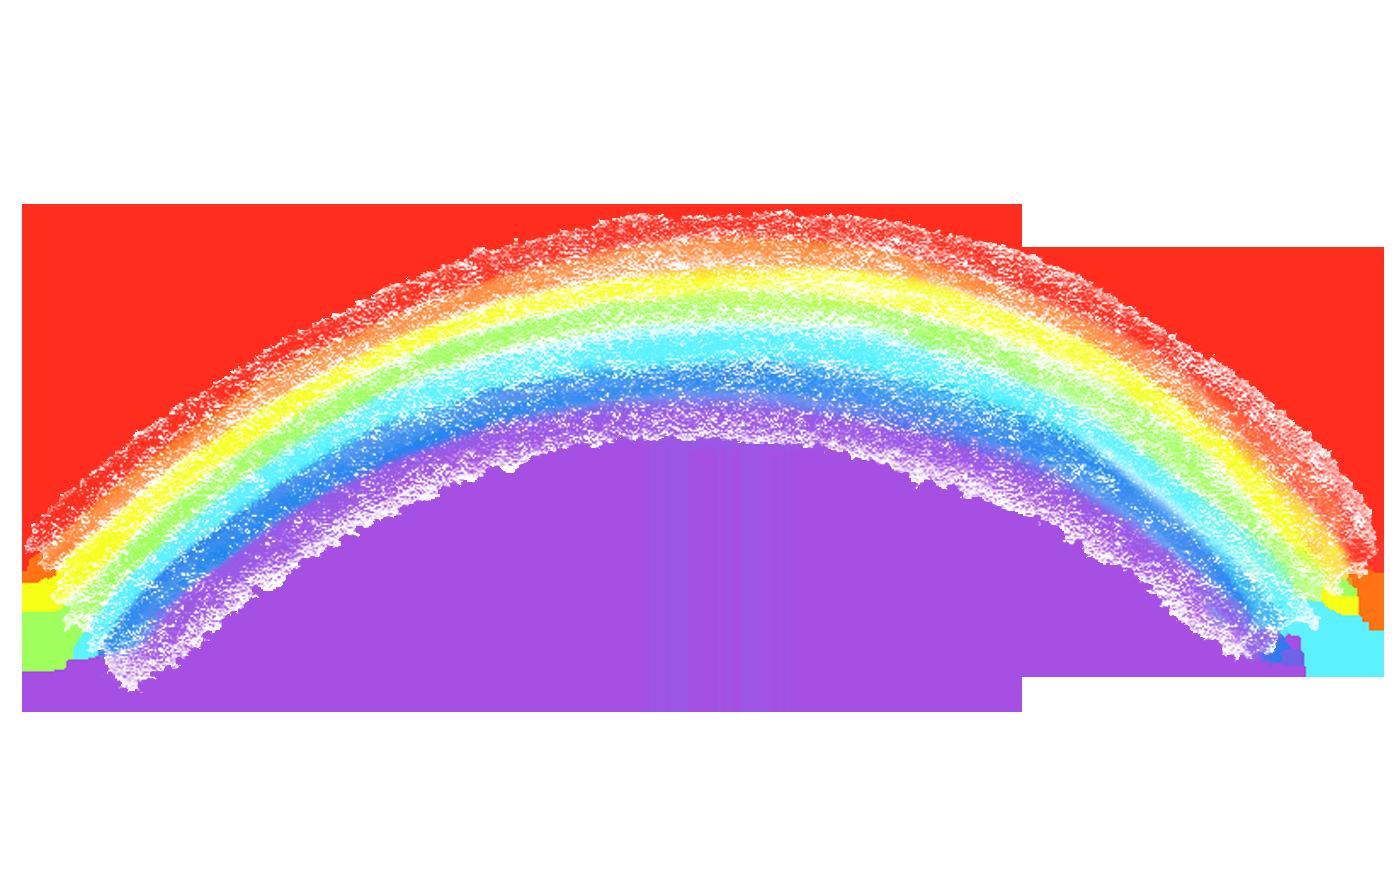 虹 イラスト の検索結果 Yahoo 検索 画像 虹 イラスト 虹のアート クレヨン画